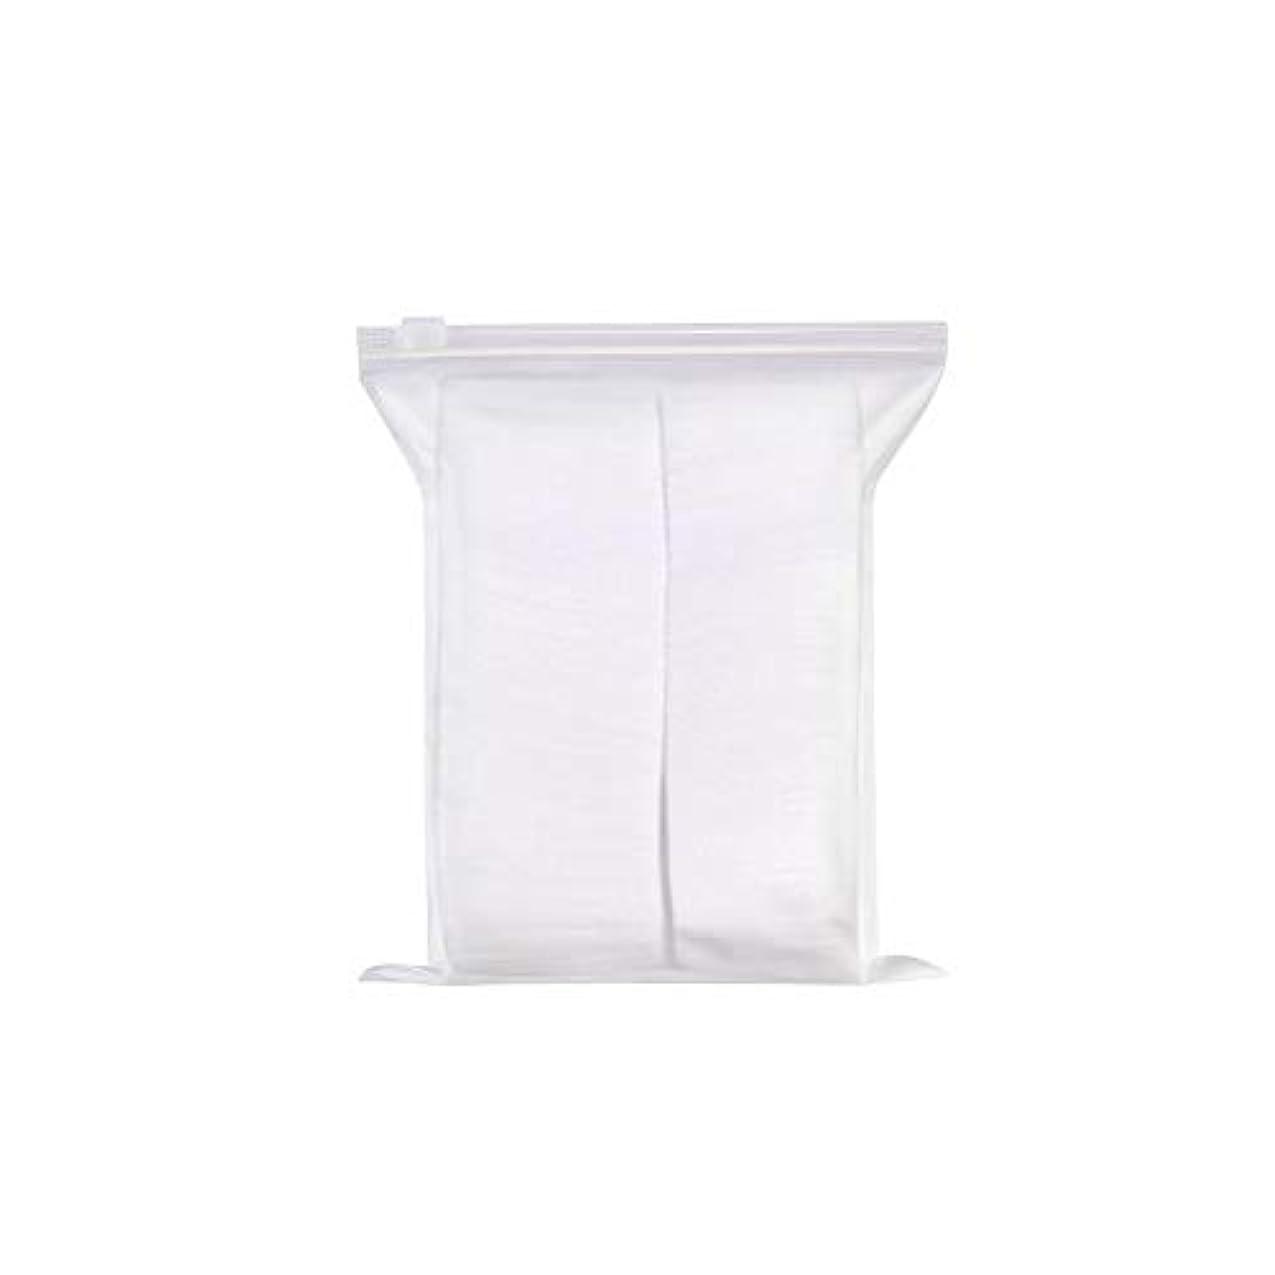 膜ポールシニス240PCSスクエア綿の綿の除去、顔のメイクアップリムーバーパッド